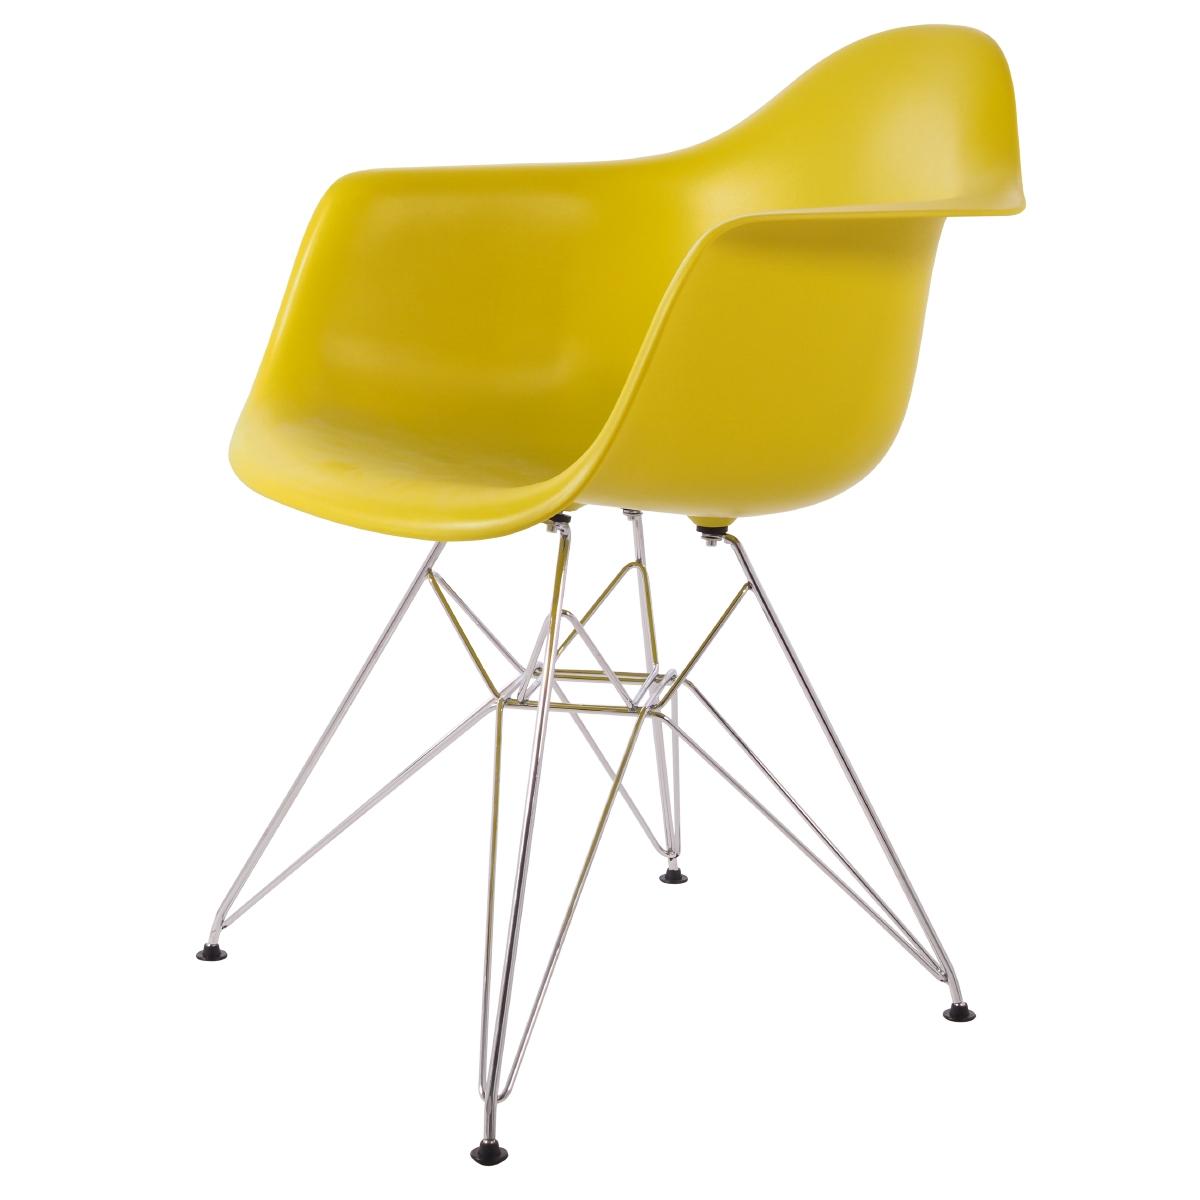 jadalnia krzesło DD DAR jedzenie Musztarda PP